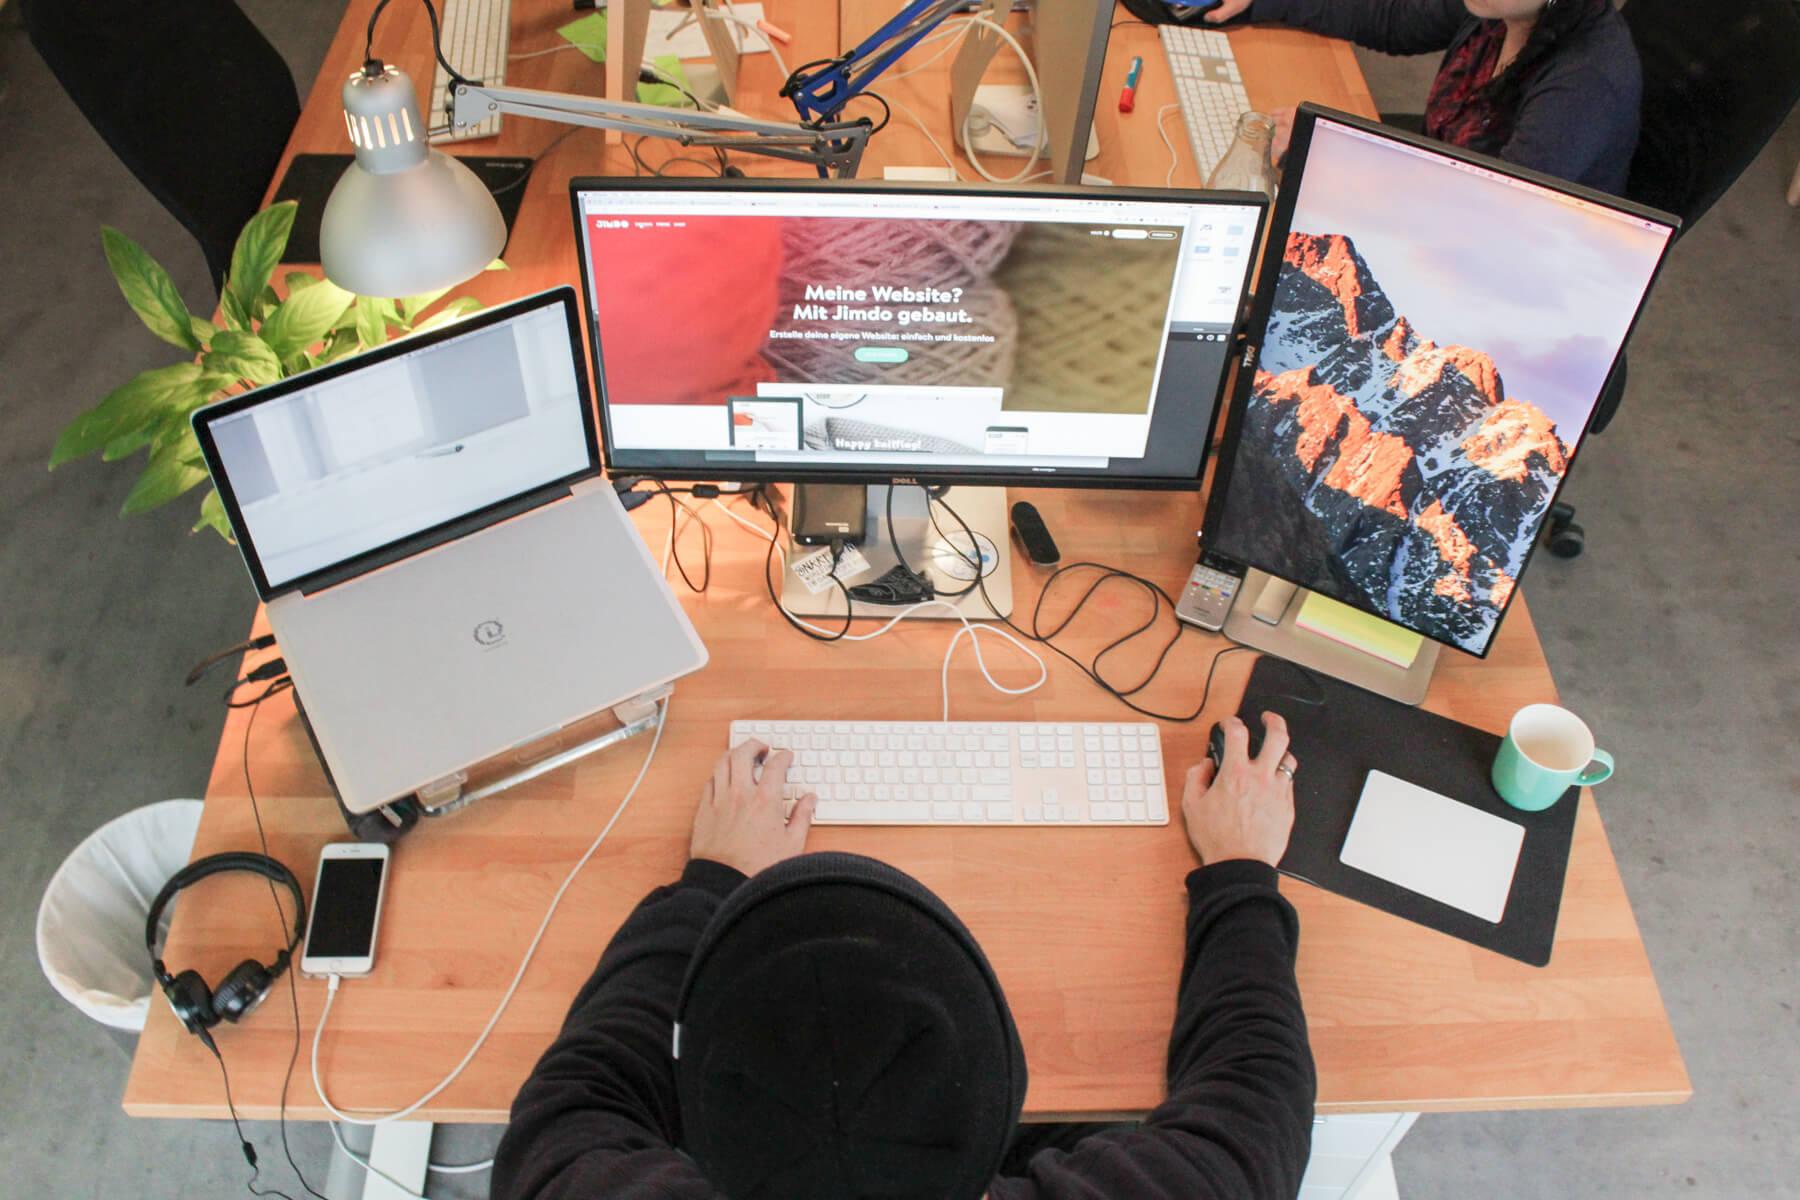 Ingo Ellerbusch - Jimdo - Ingos Arbeitsplatz von open: Sein MacBook Pro, ein 27 Zoll Monitor und ein vertikaler, für den Code. Dazu Tastatur und Maus.